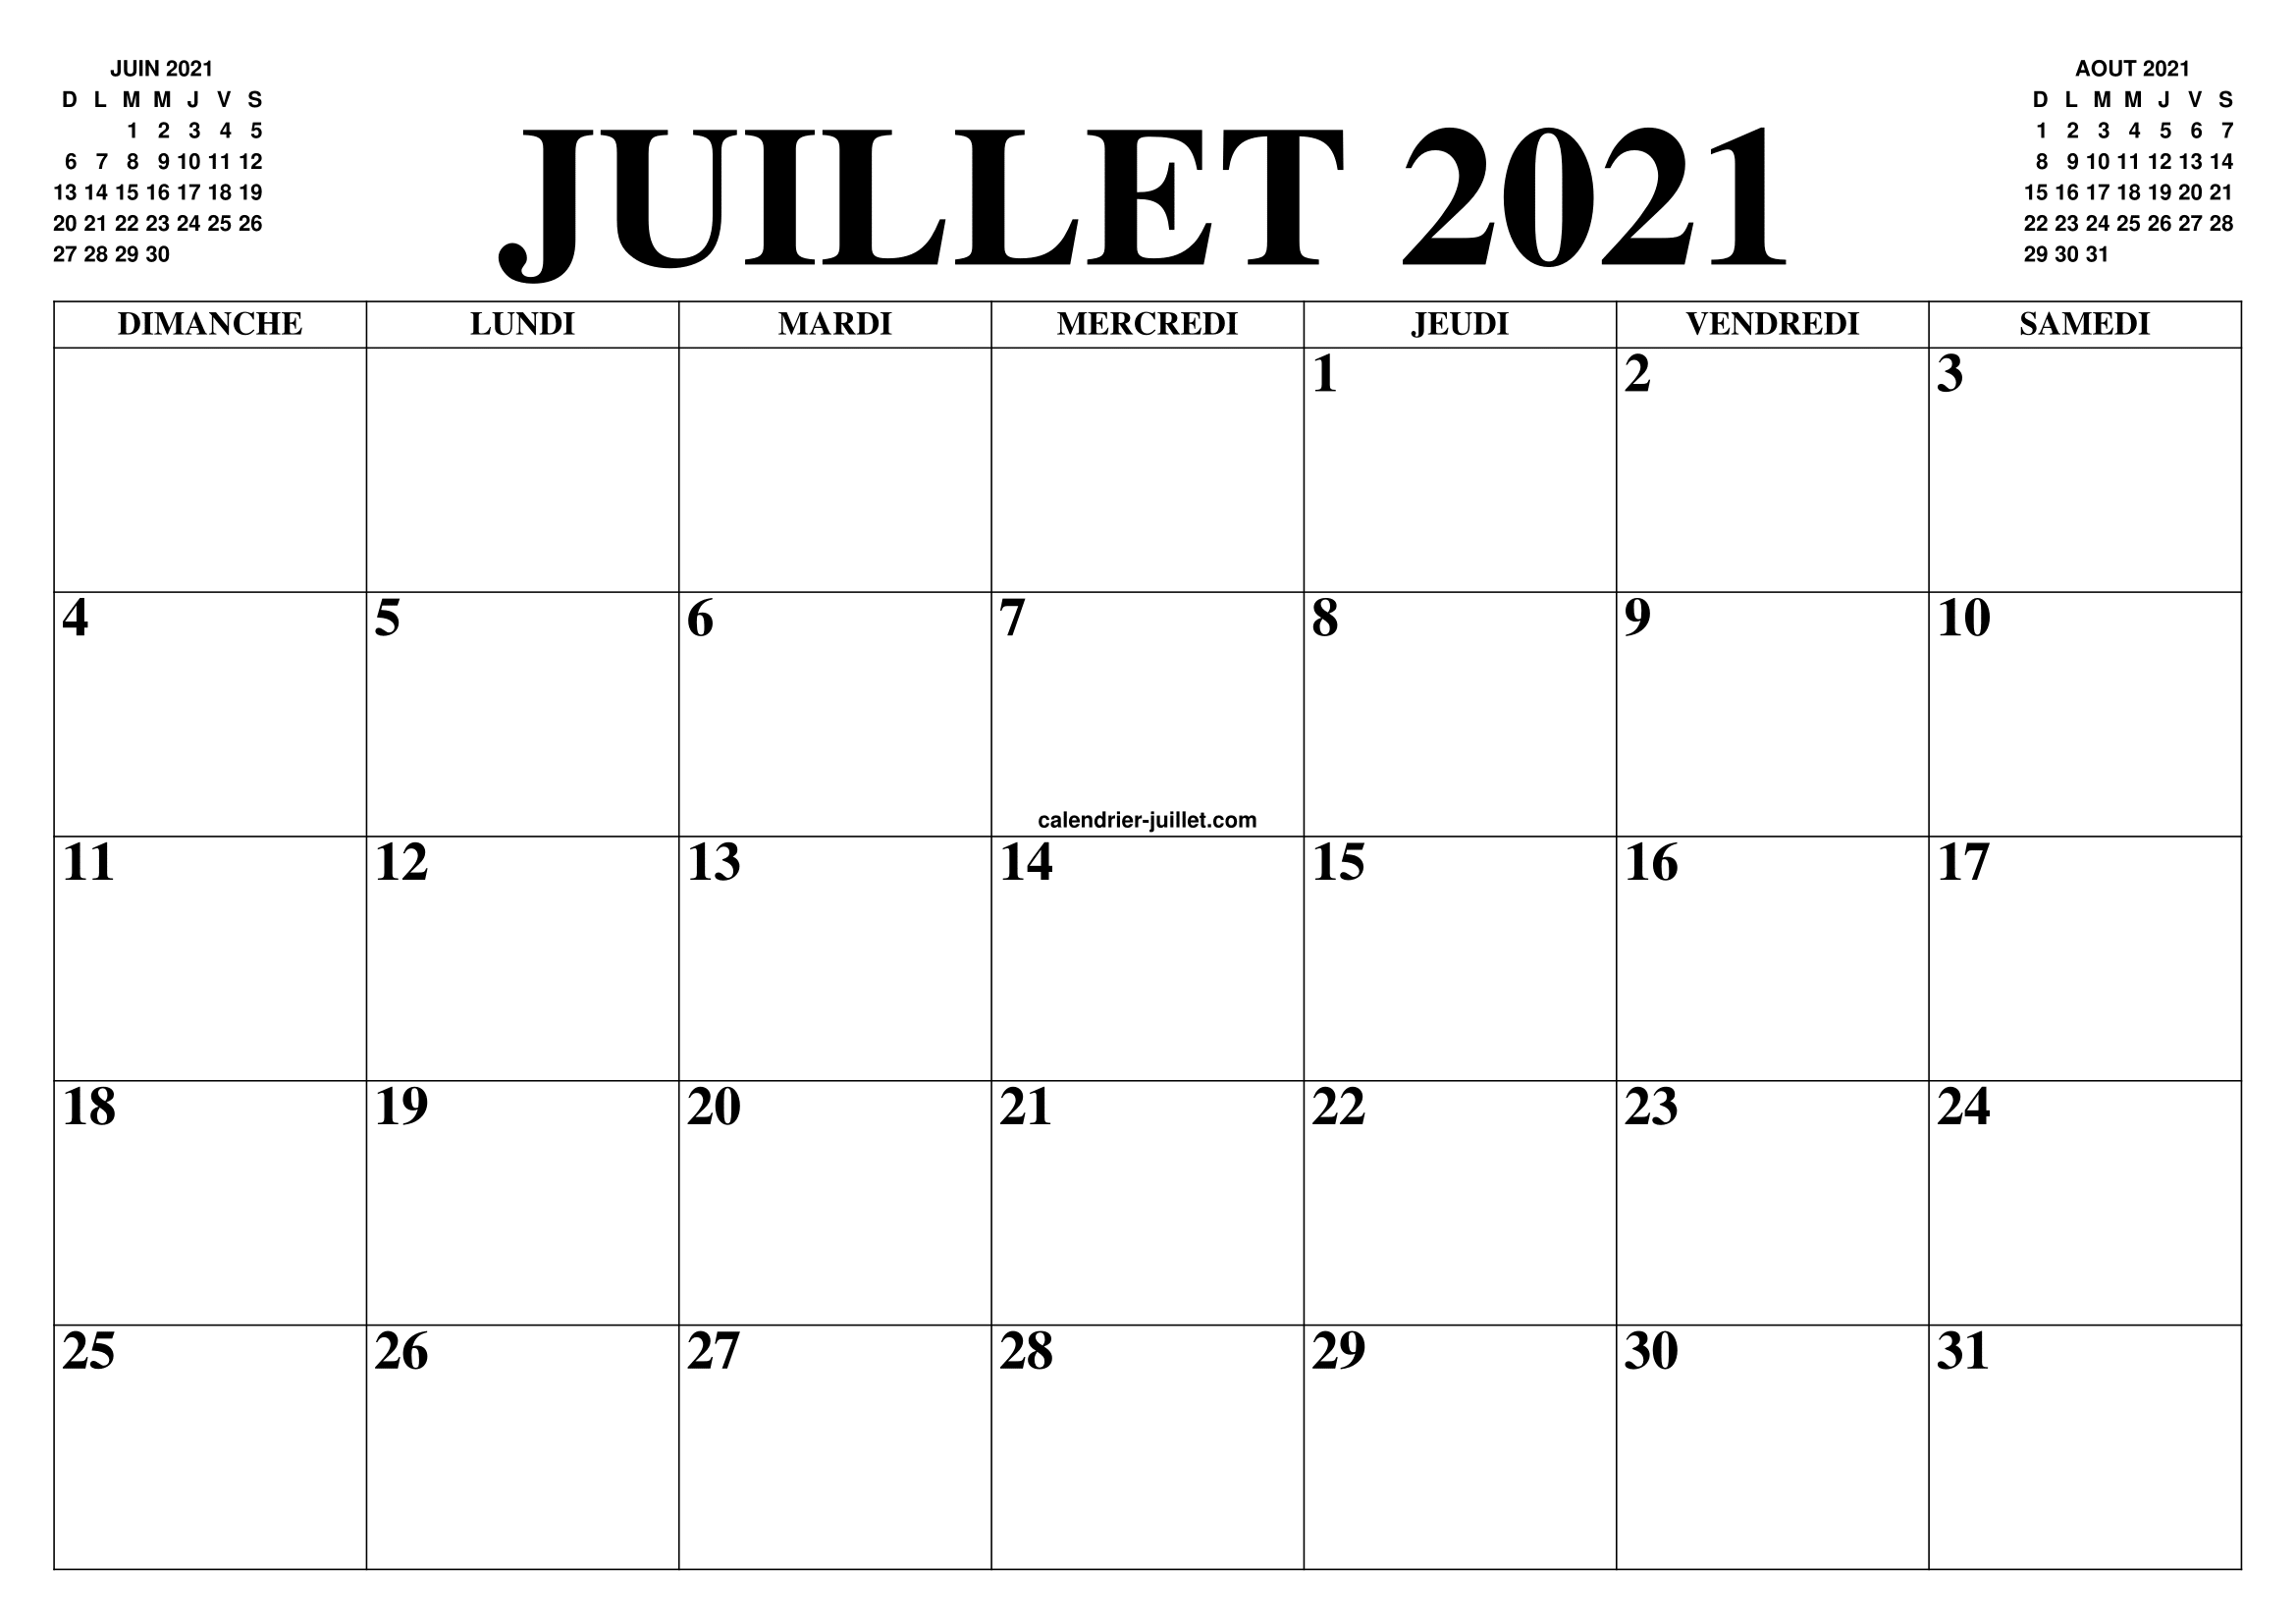 Calendrier Mois Juillet 2021 CALENDRIER JUILLET 2021 : LE CALENDRIER DU MOIS DE JUILLET GRATUIT